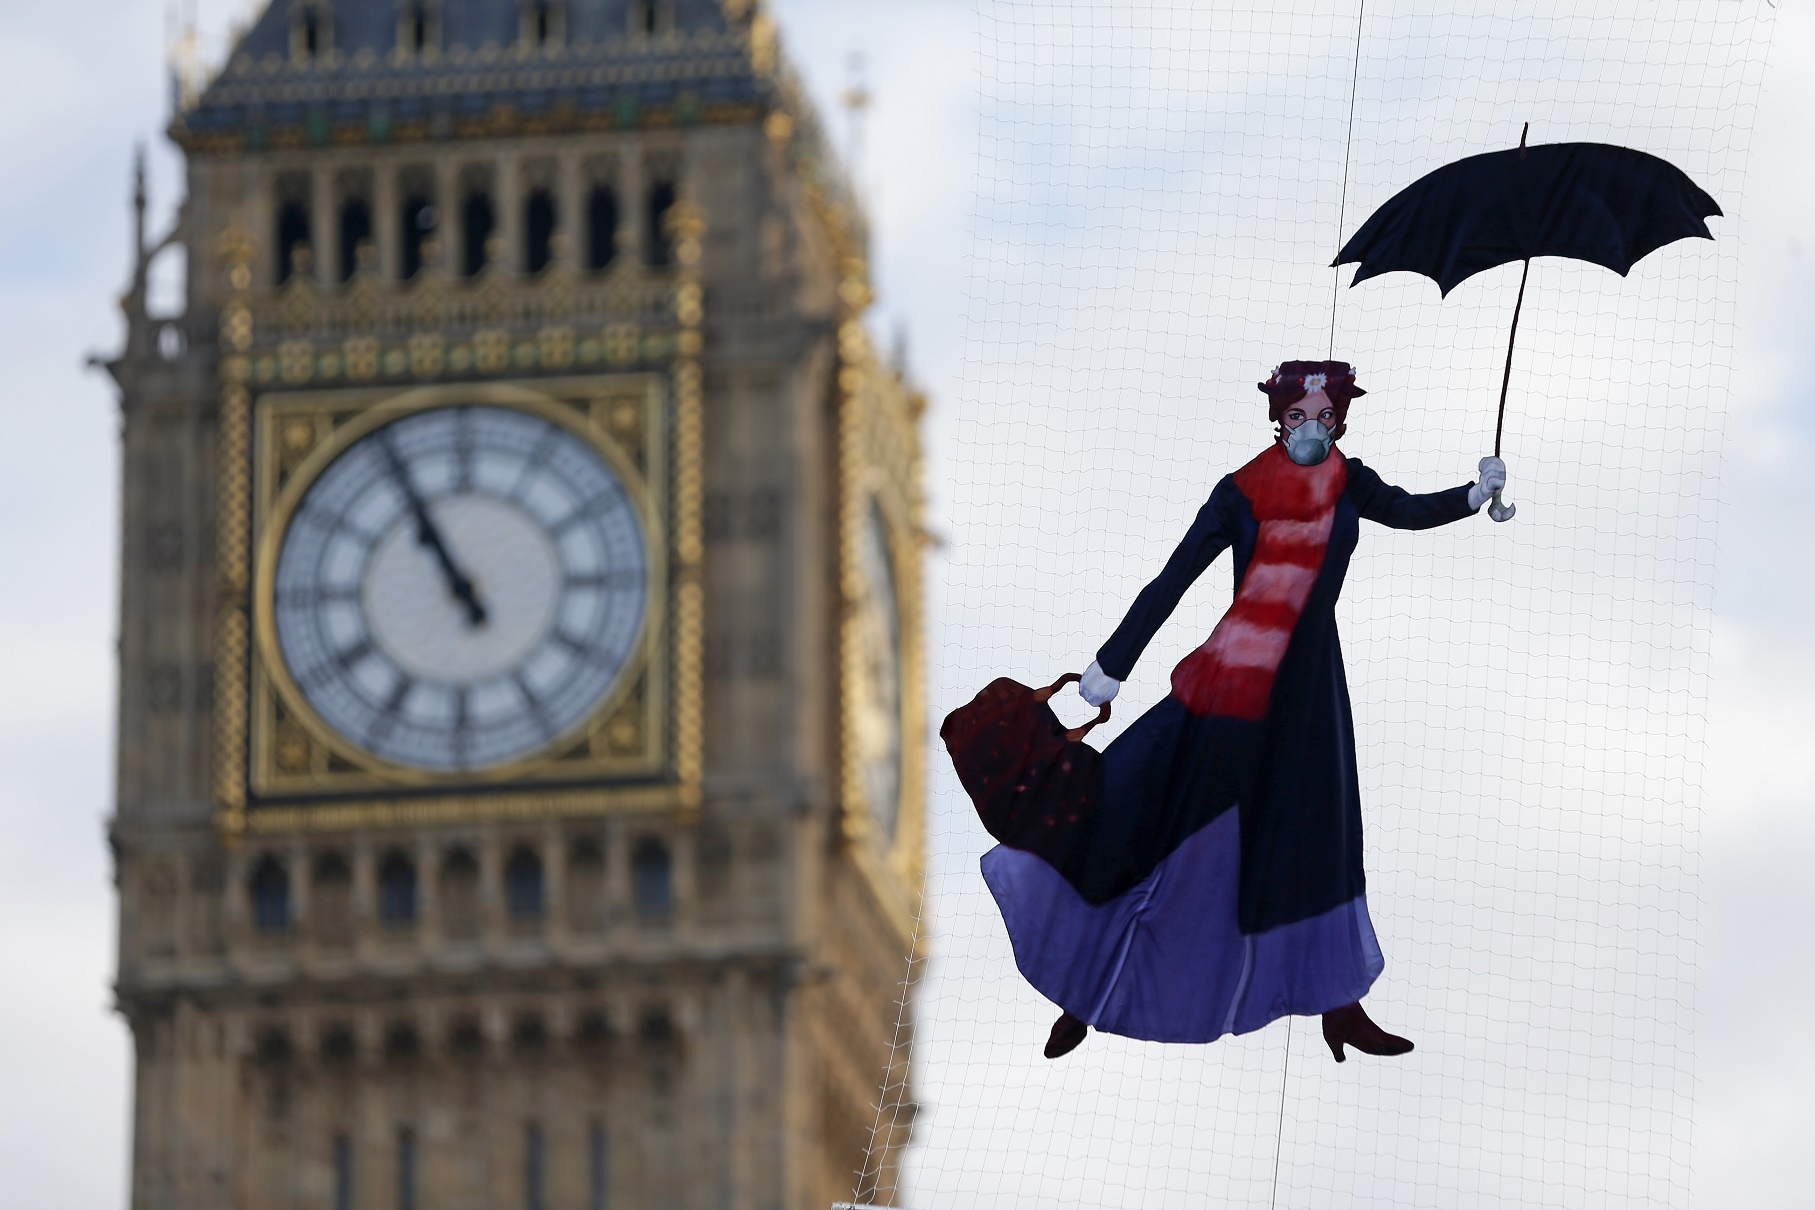 Um balão com a imagem de Mary Poppins usando uma máscara foi a forma encontrada pelo Greenpeace para protestar contra a poluição atmosférica. Foto de Daniel Leal-Olivas